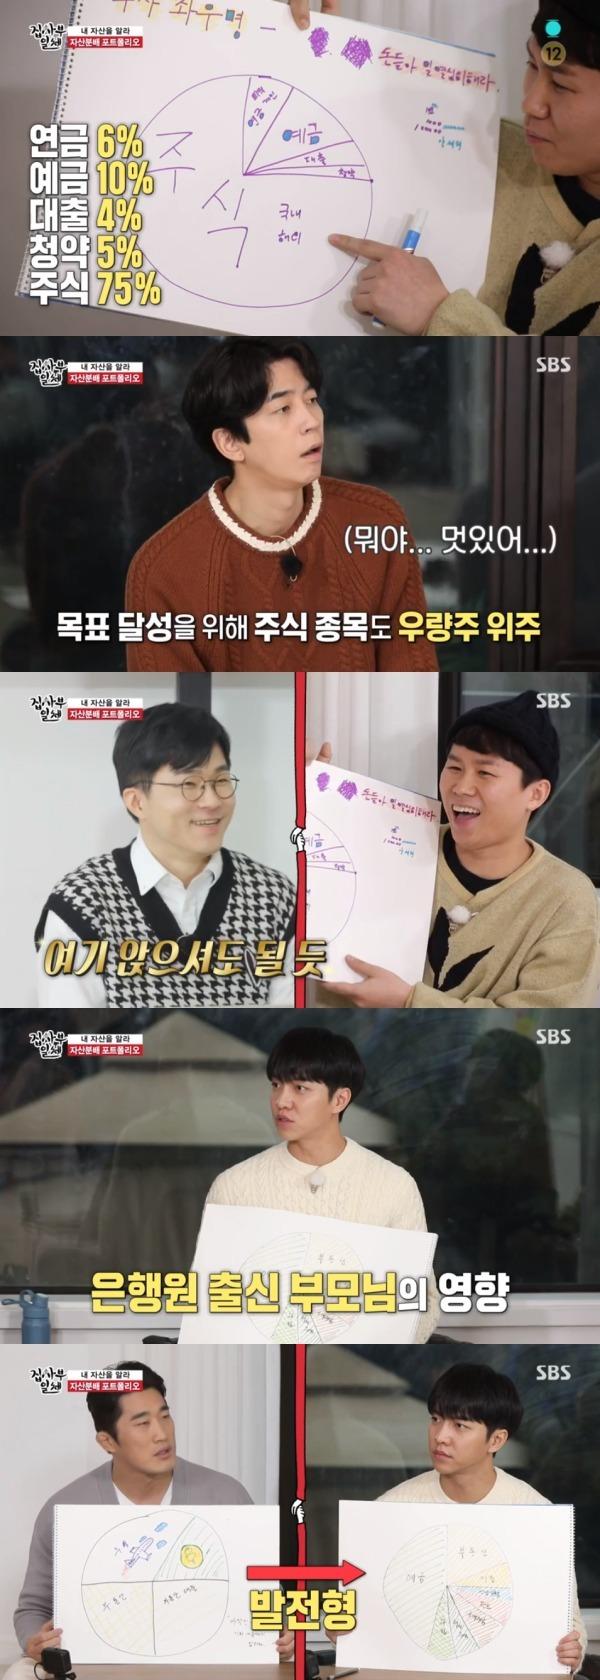 '집사부일체' 이승기 자산분배표 본 슈카